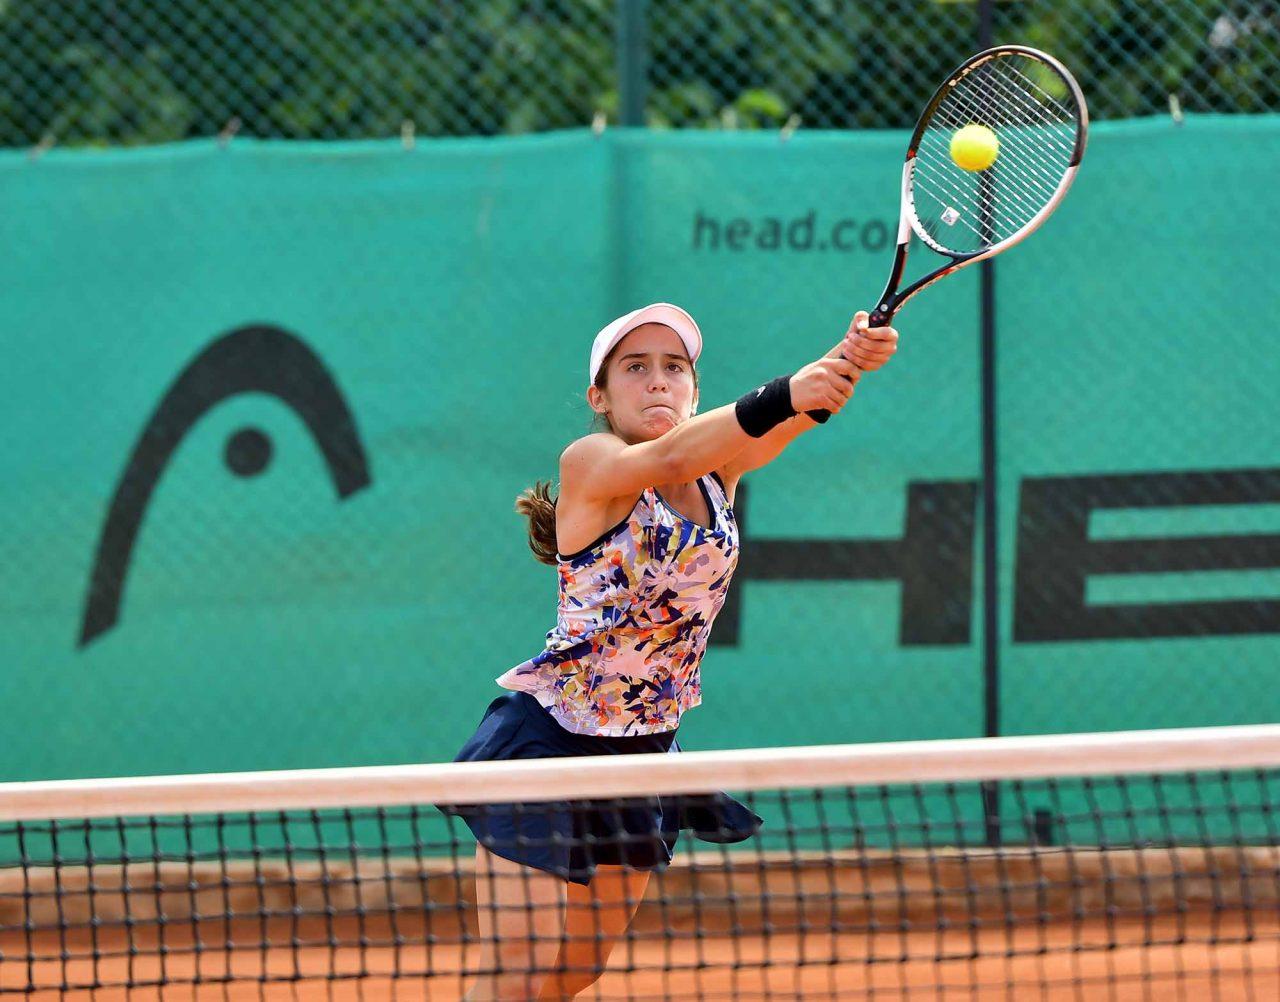 Държавно първенство тенис до 14 год. ТК 15-40 финал двойки (29)